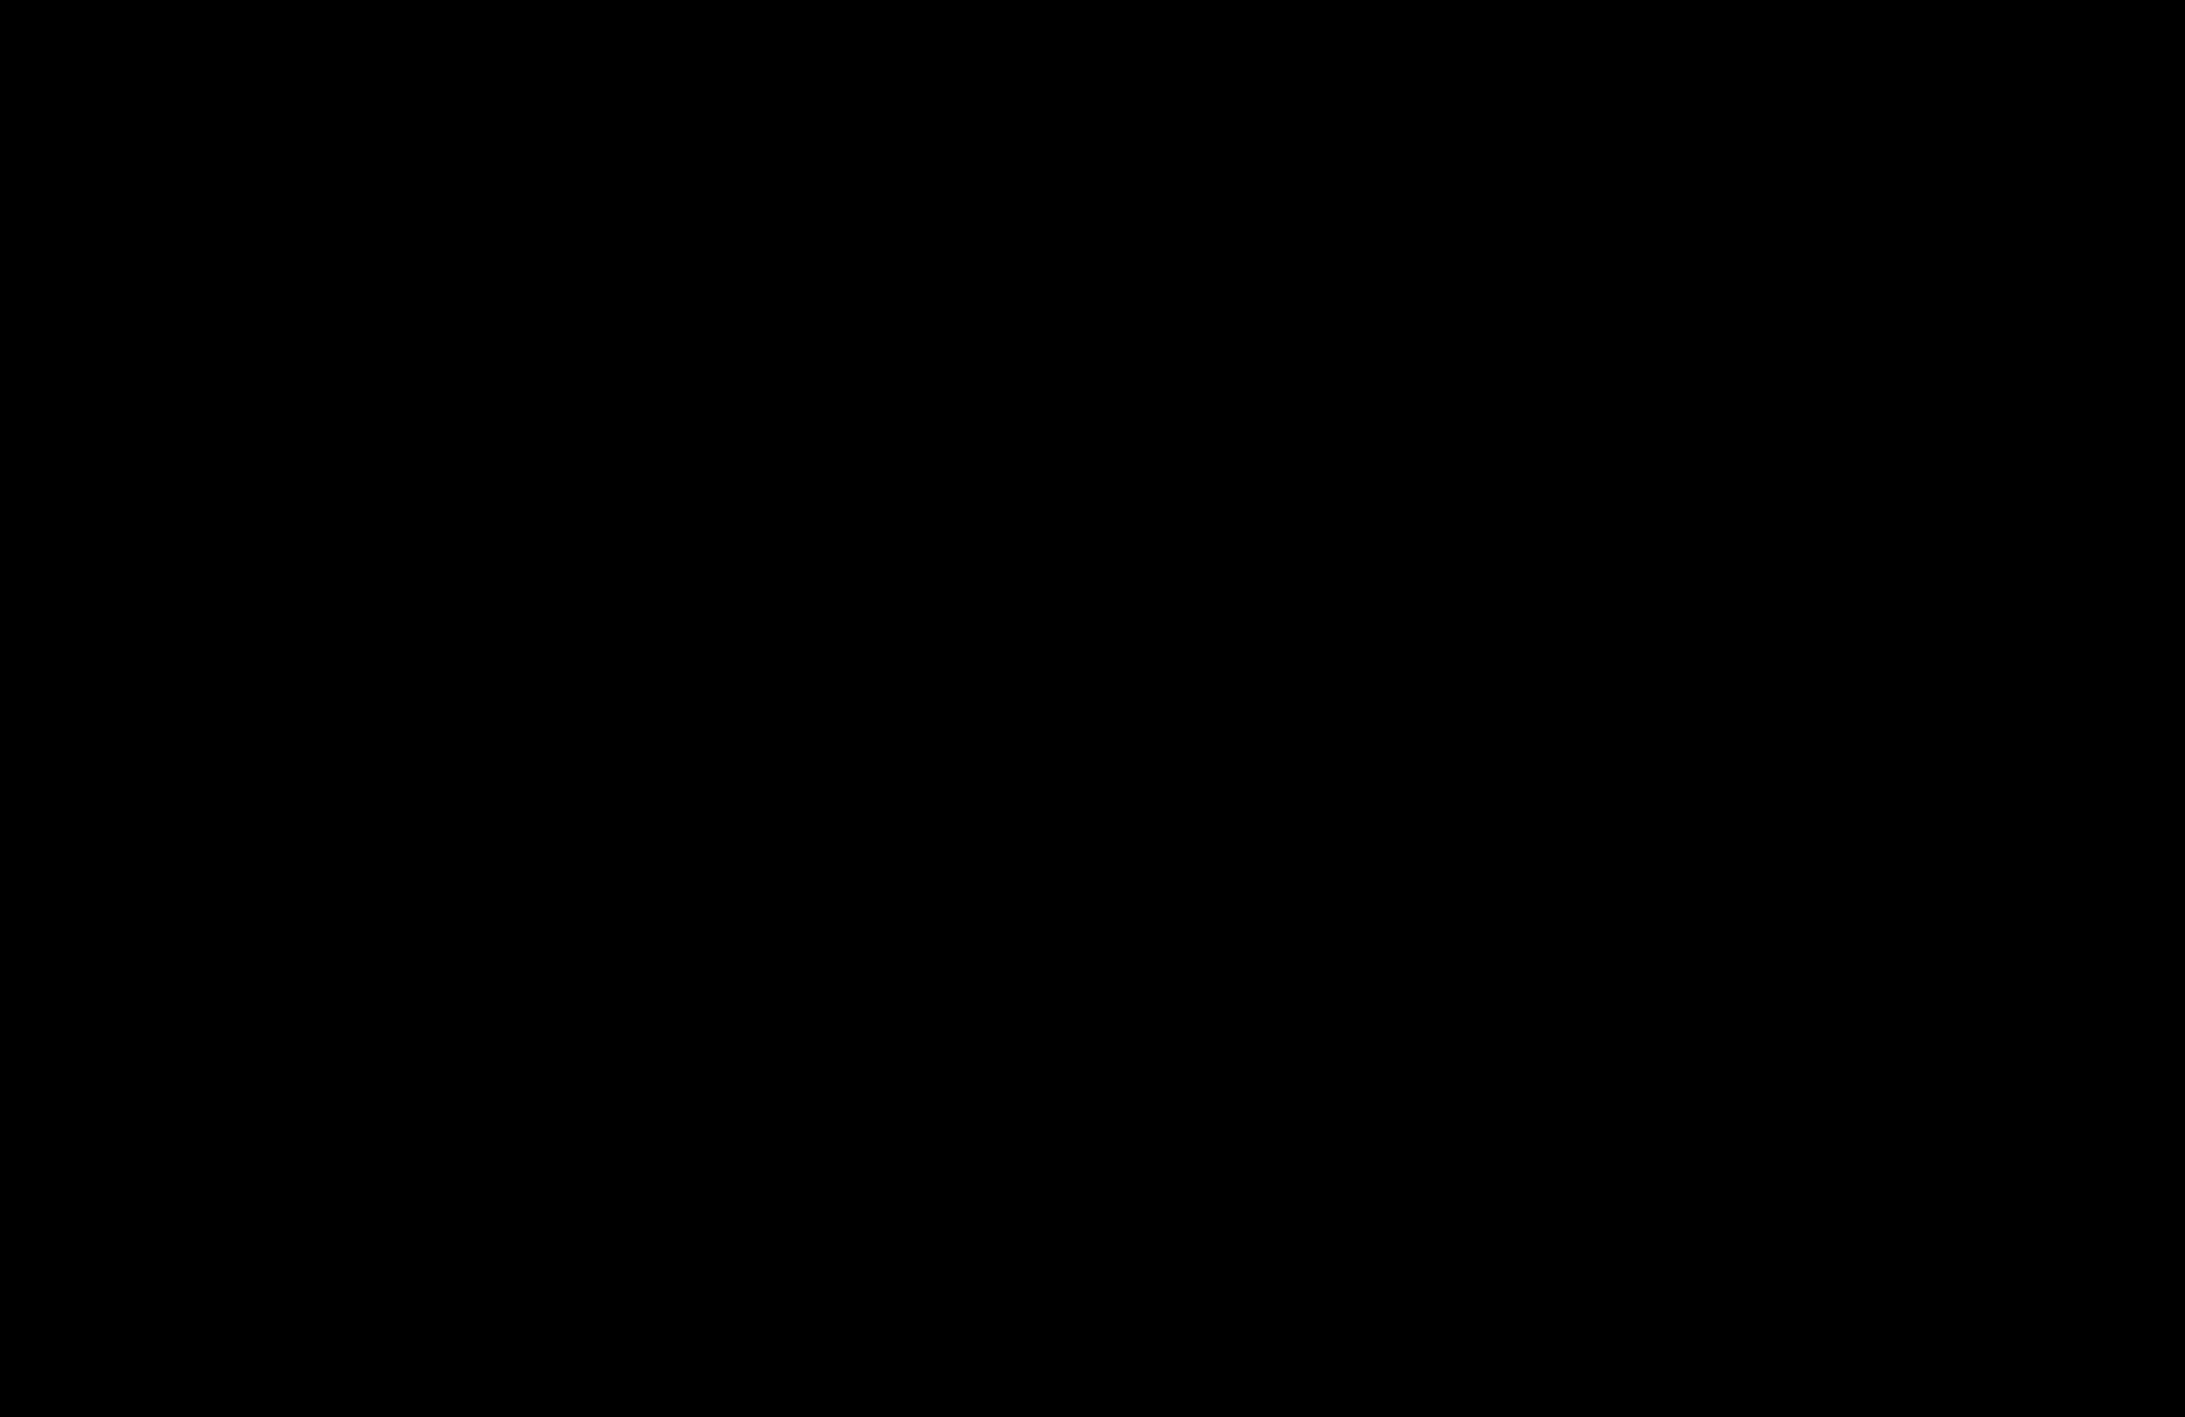 半島青年商會【企業傳訊組】誠邀各位出席十大傑出青年選舉啟動禮暨酒會